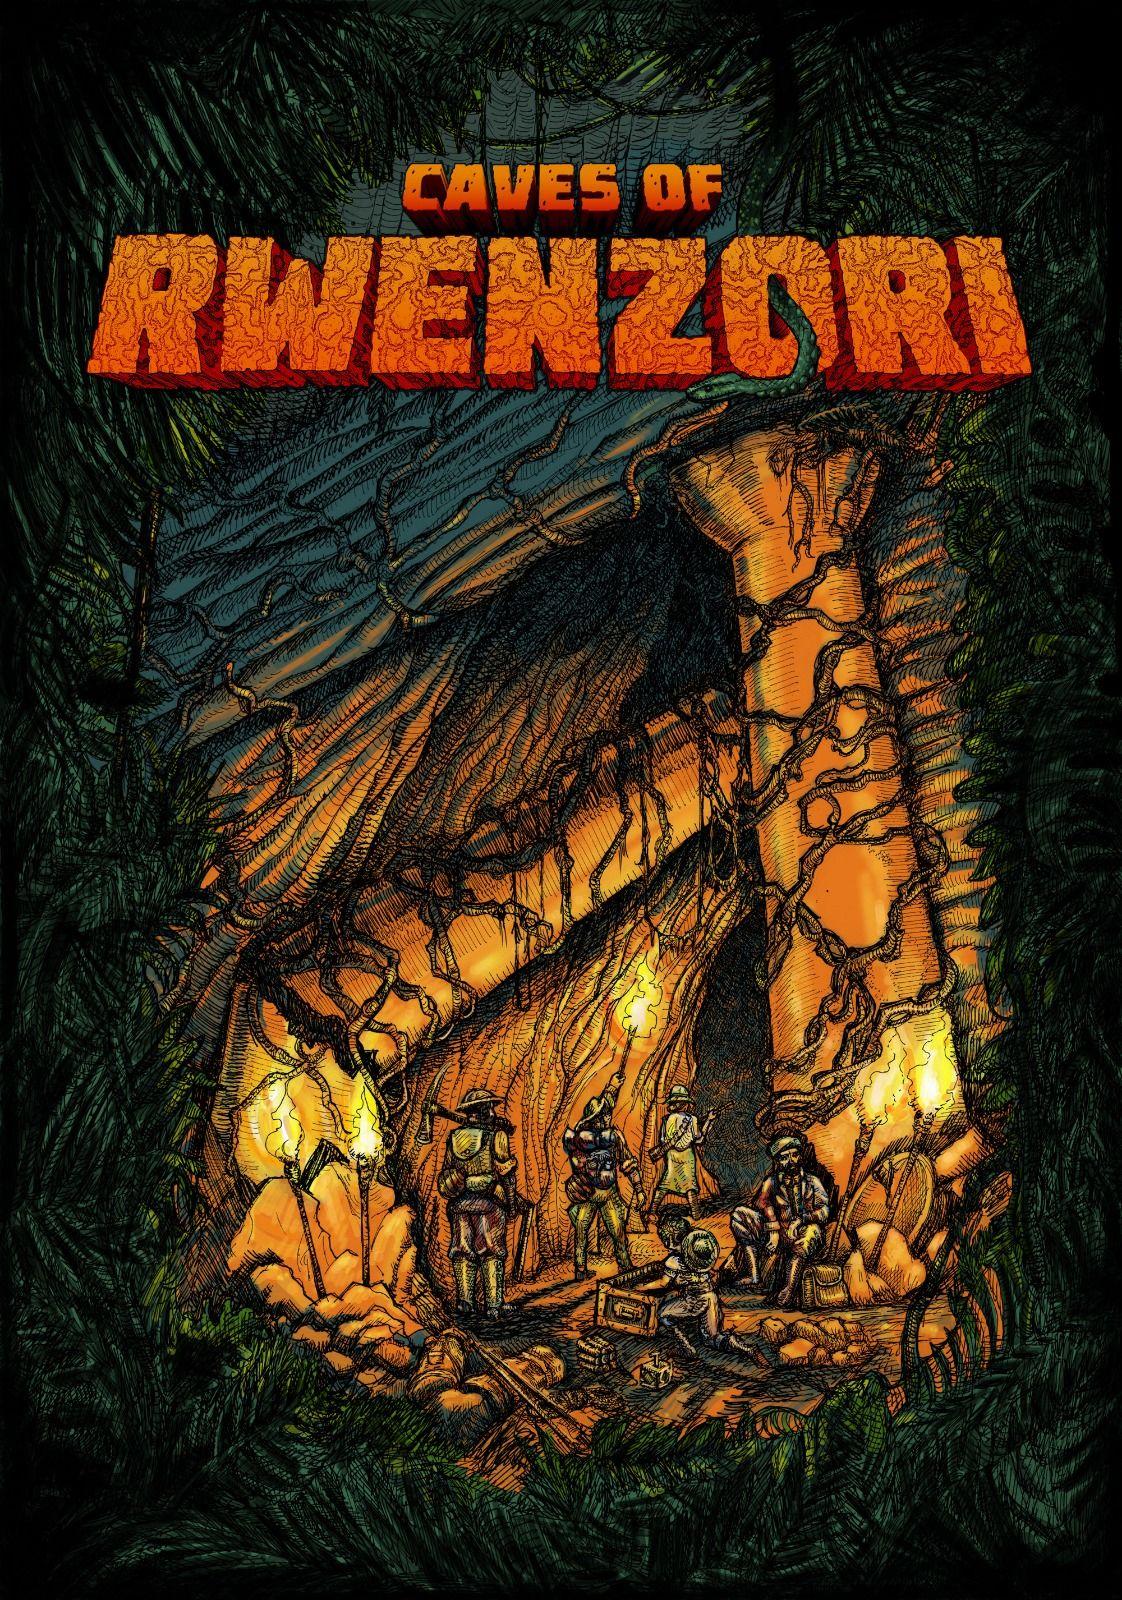 Caves of Rwenzori